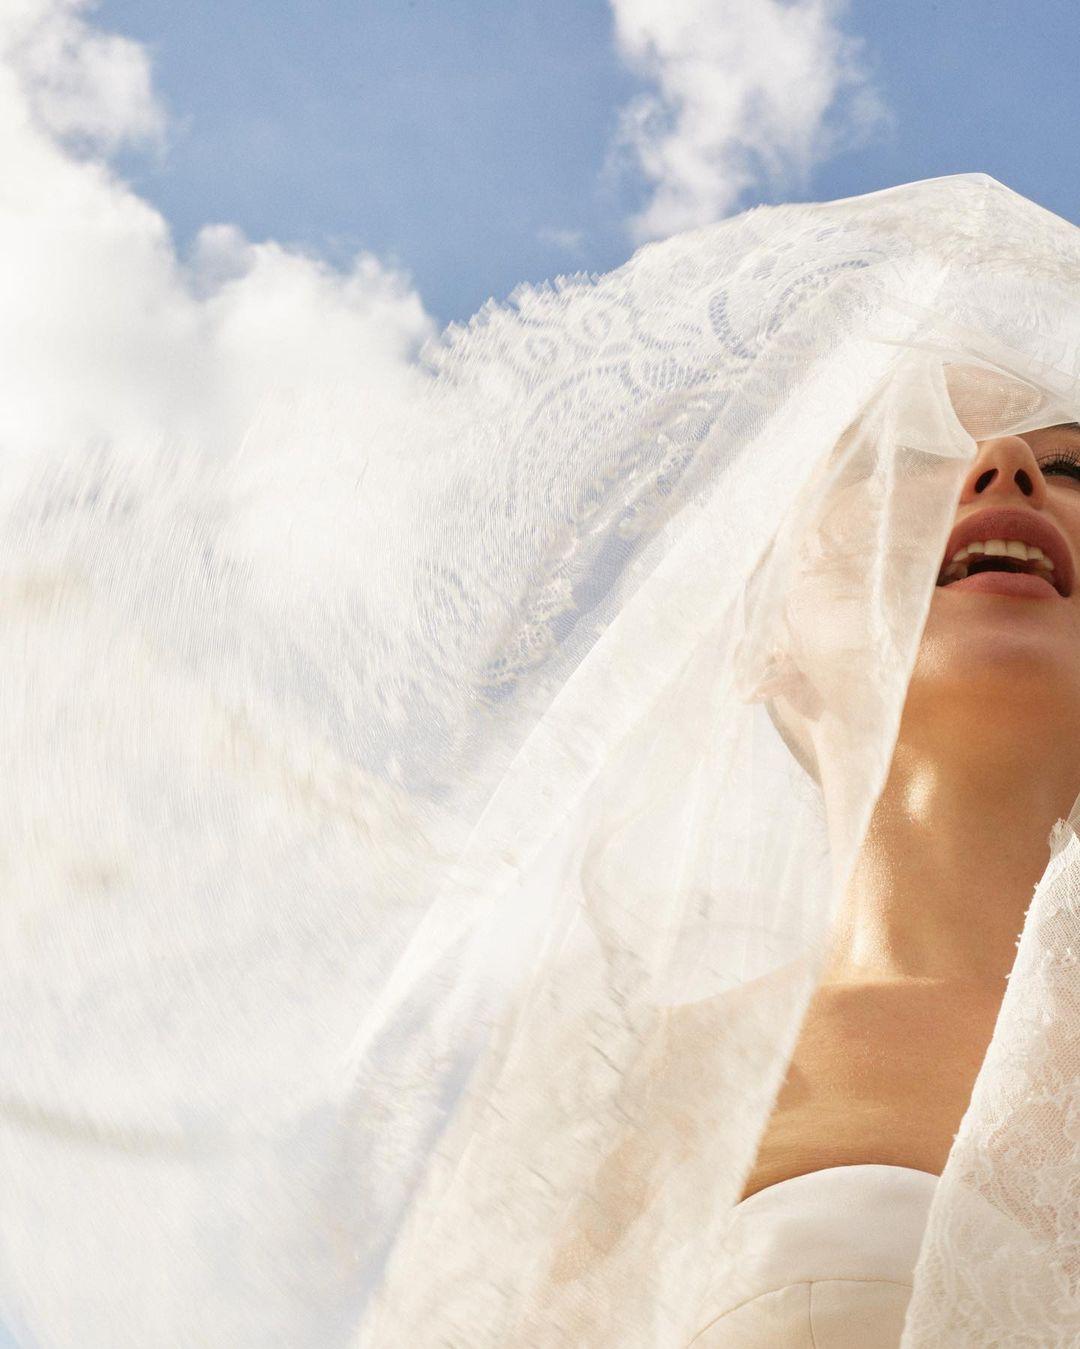 ольга серябкина вышла замуж